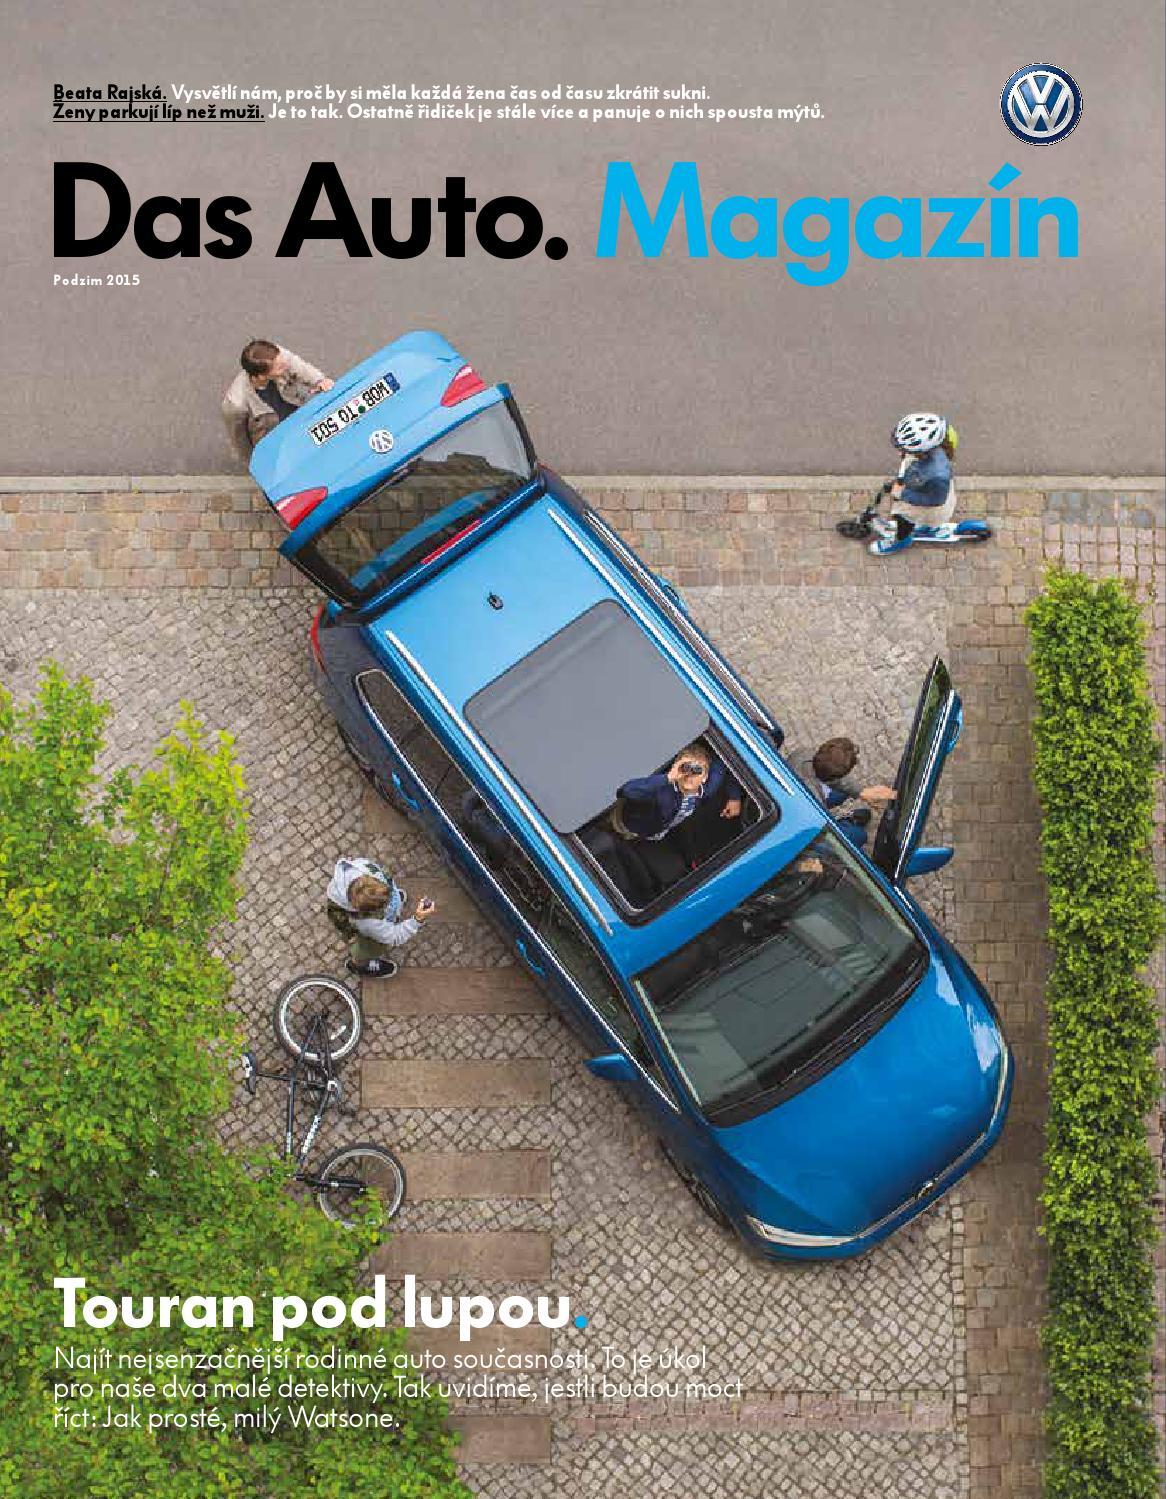 Das Auto magazín - podzim 2015 by Marek Hammerschmied - issuu ea73cd00a8